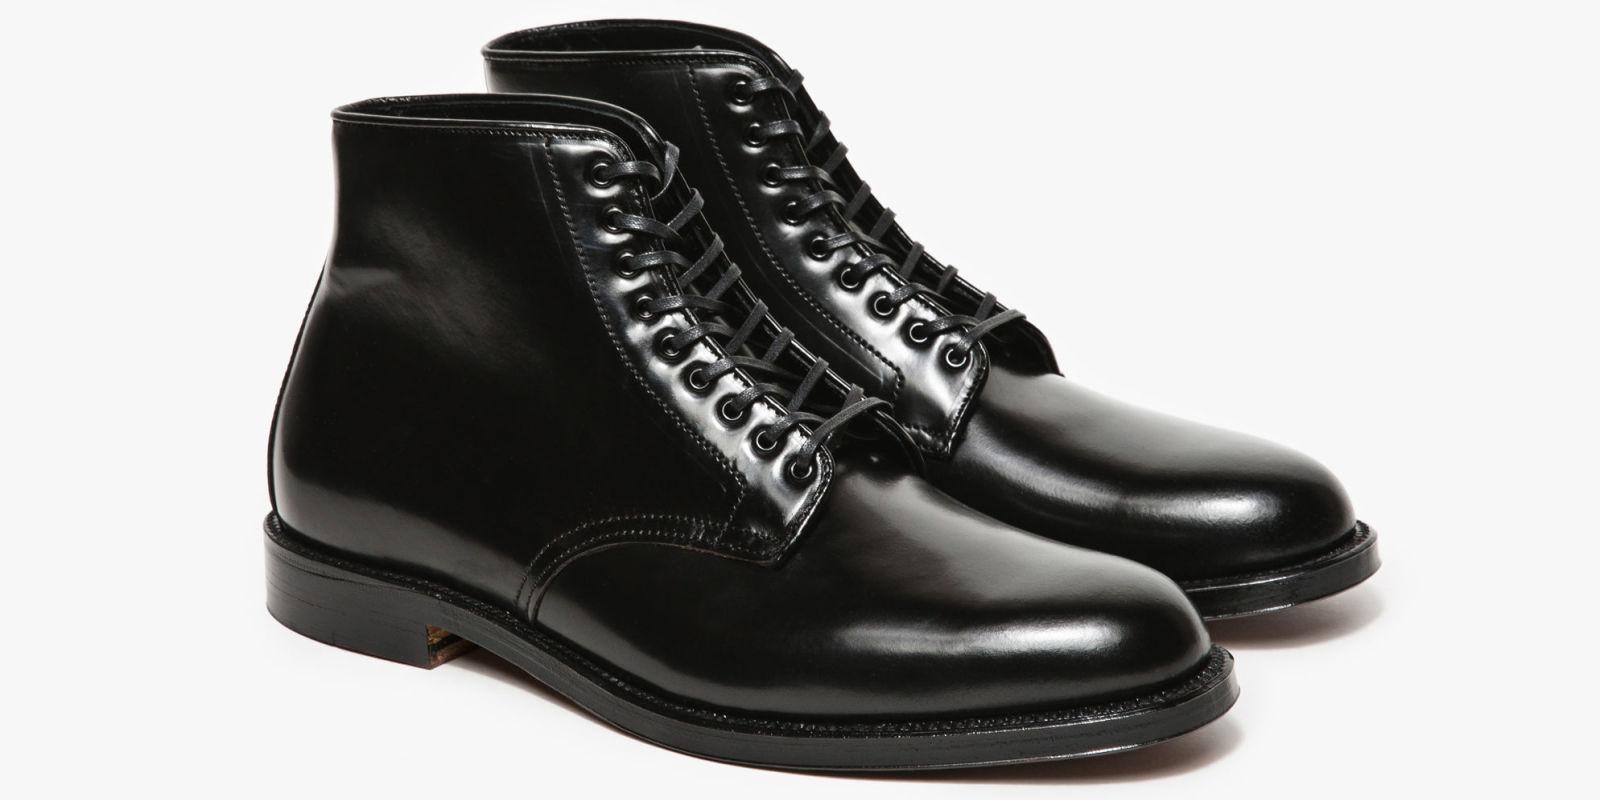 The footwear fix alden laurel plain toe boots for The alden